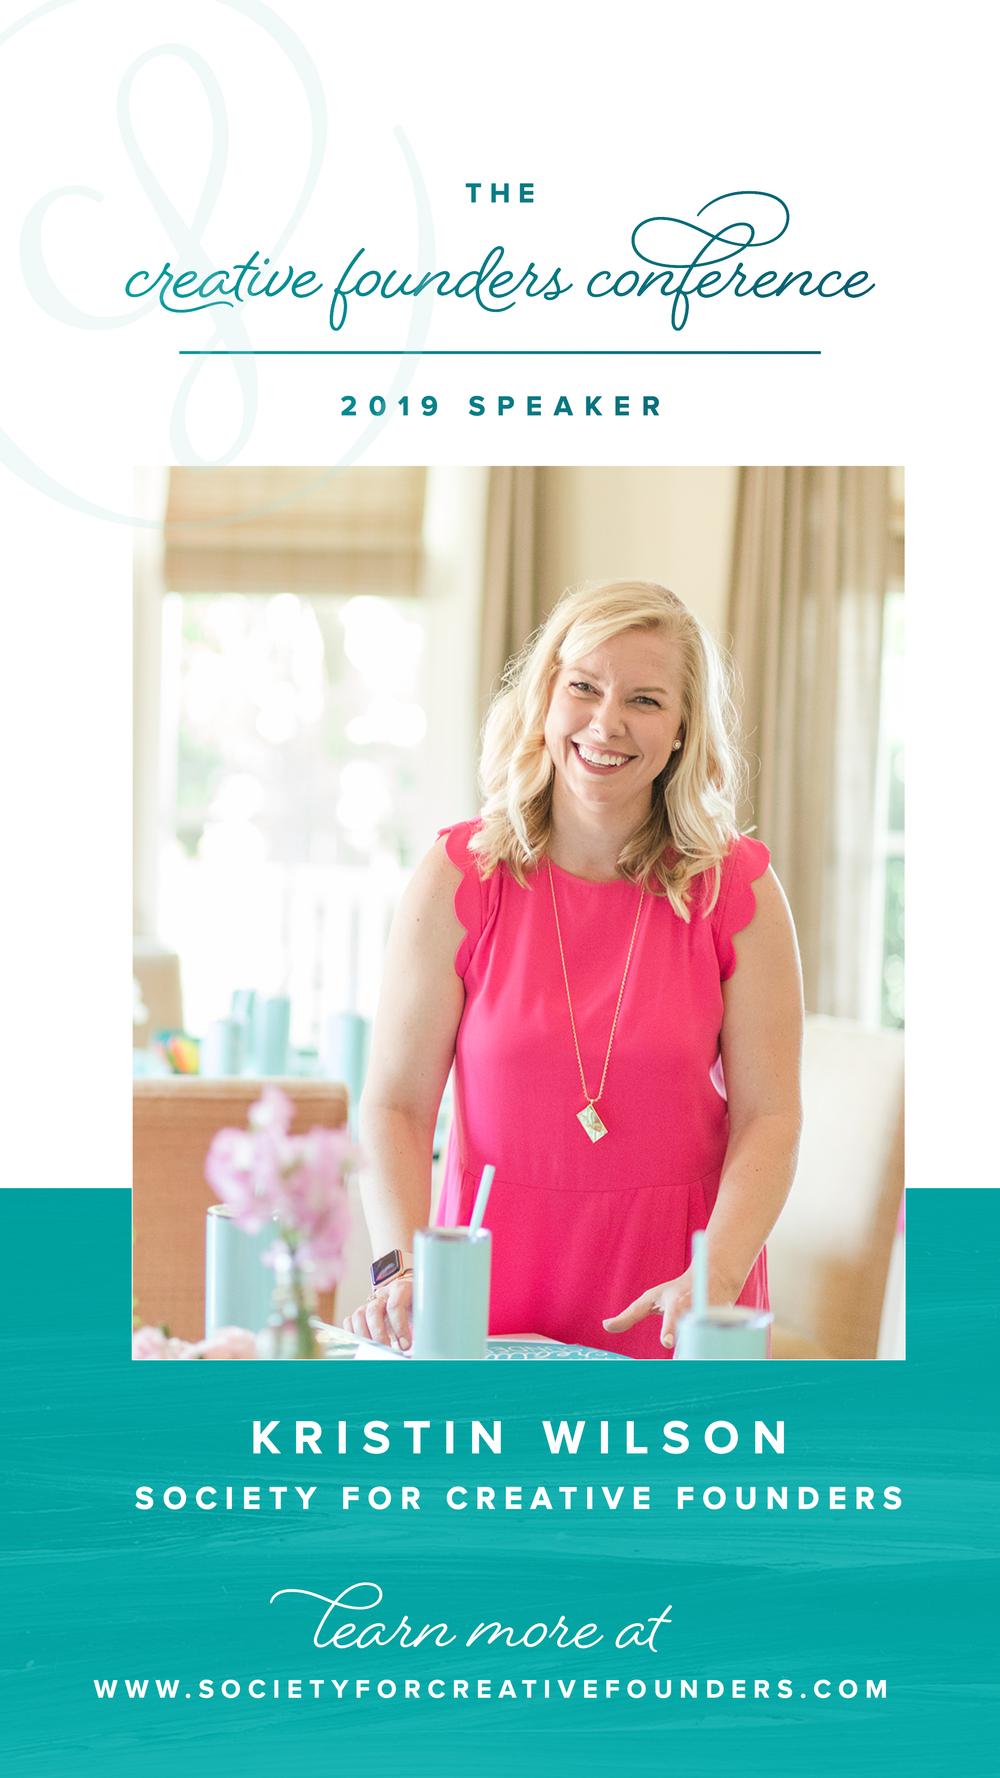 Kristin Wilson - Society for Creative Founders 2019 Speaker